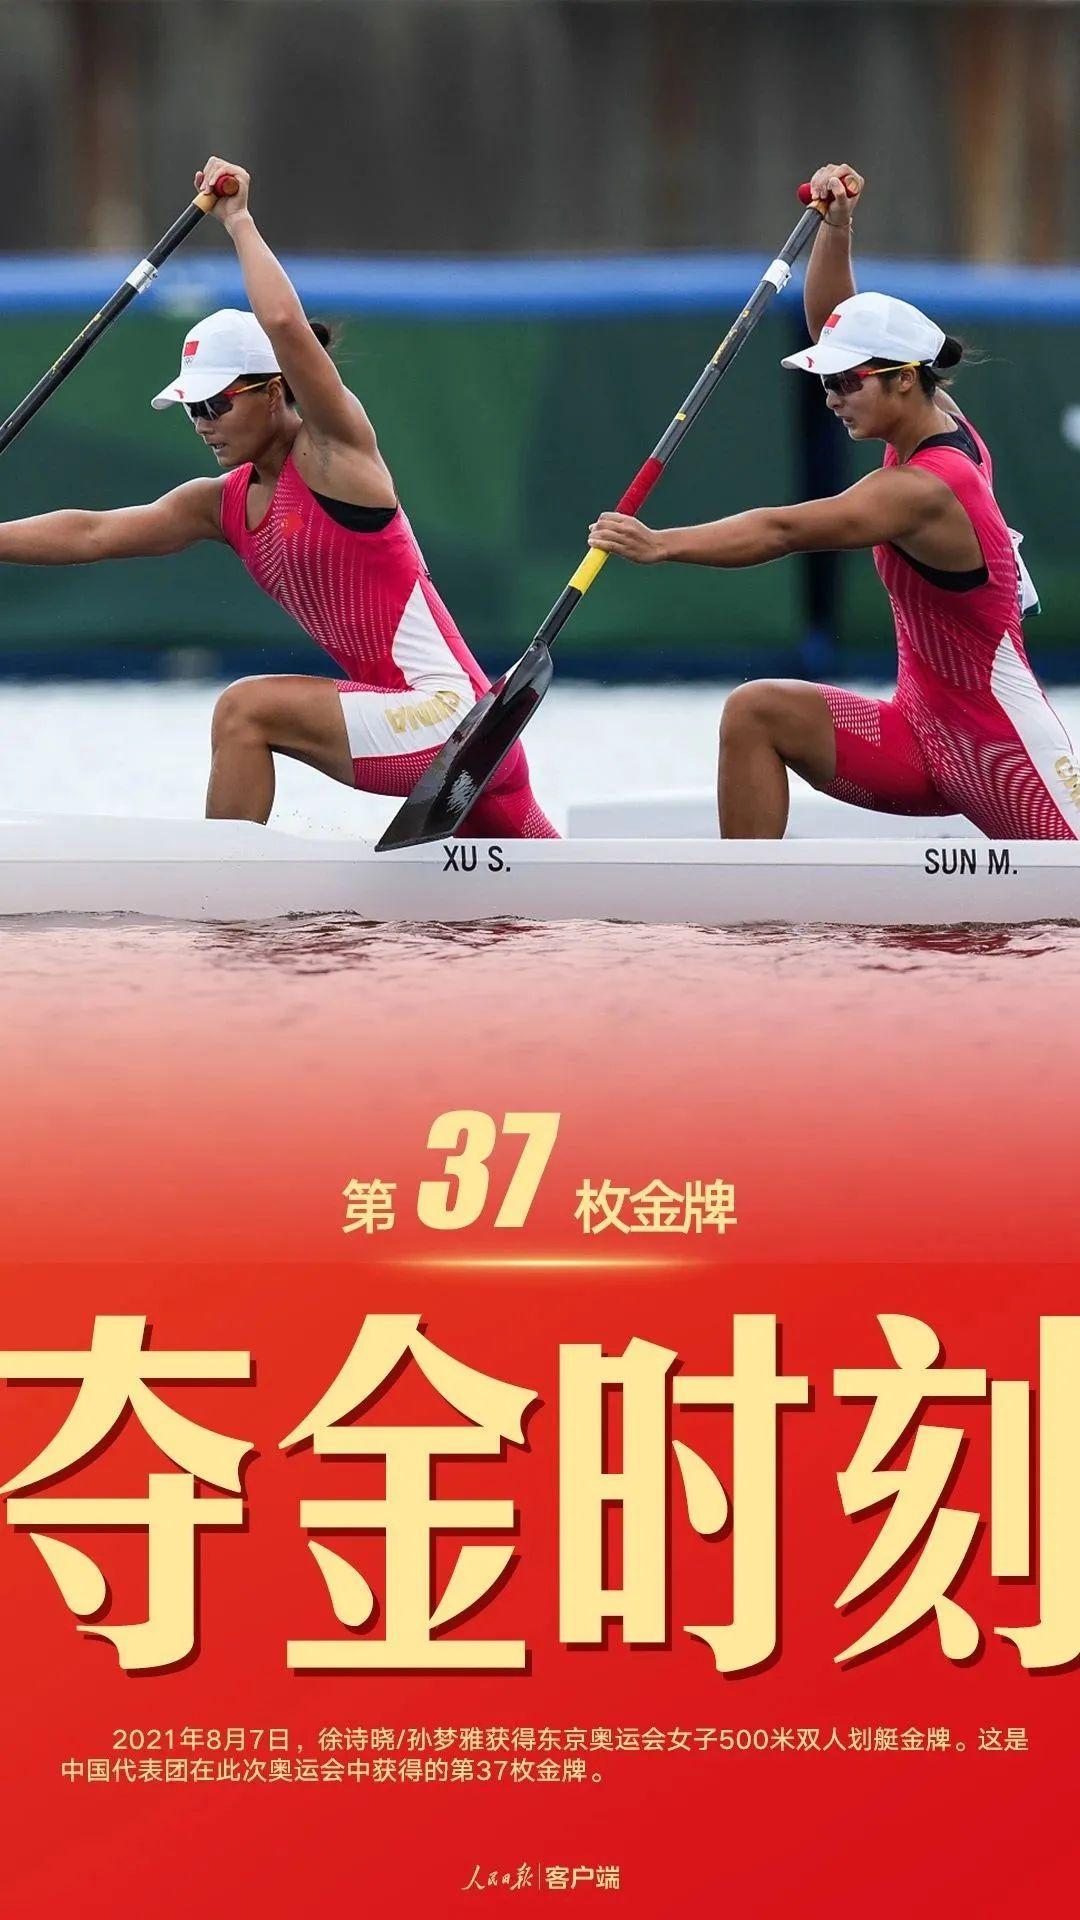 """零的突破!台儿庄""""00后""""姑娘孙梦雅夺得我市奥运会首金"""